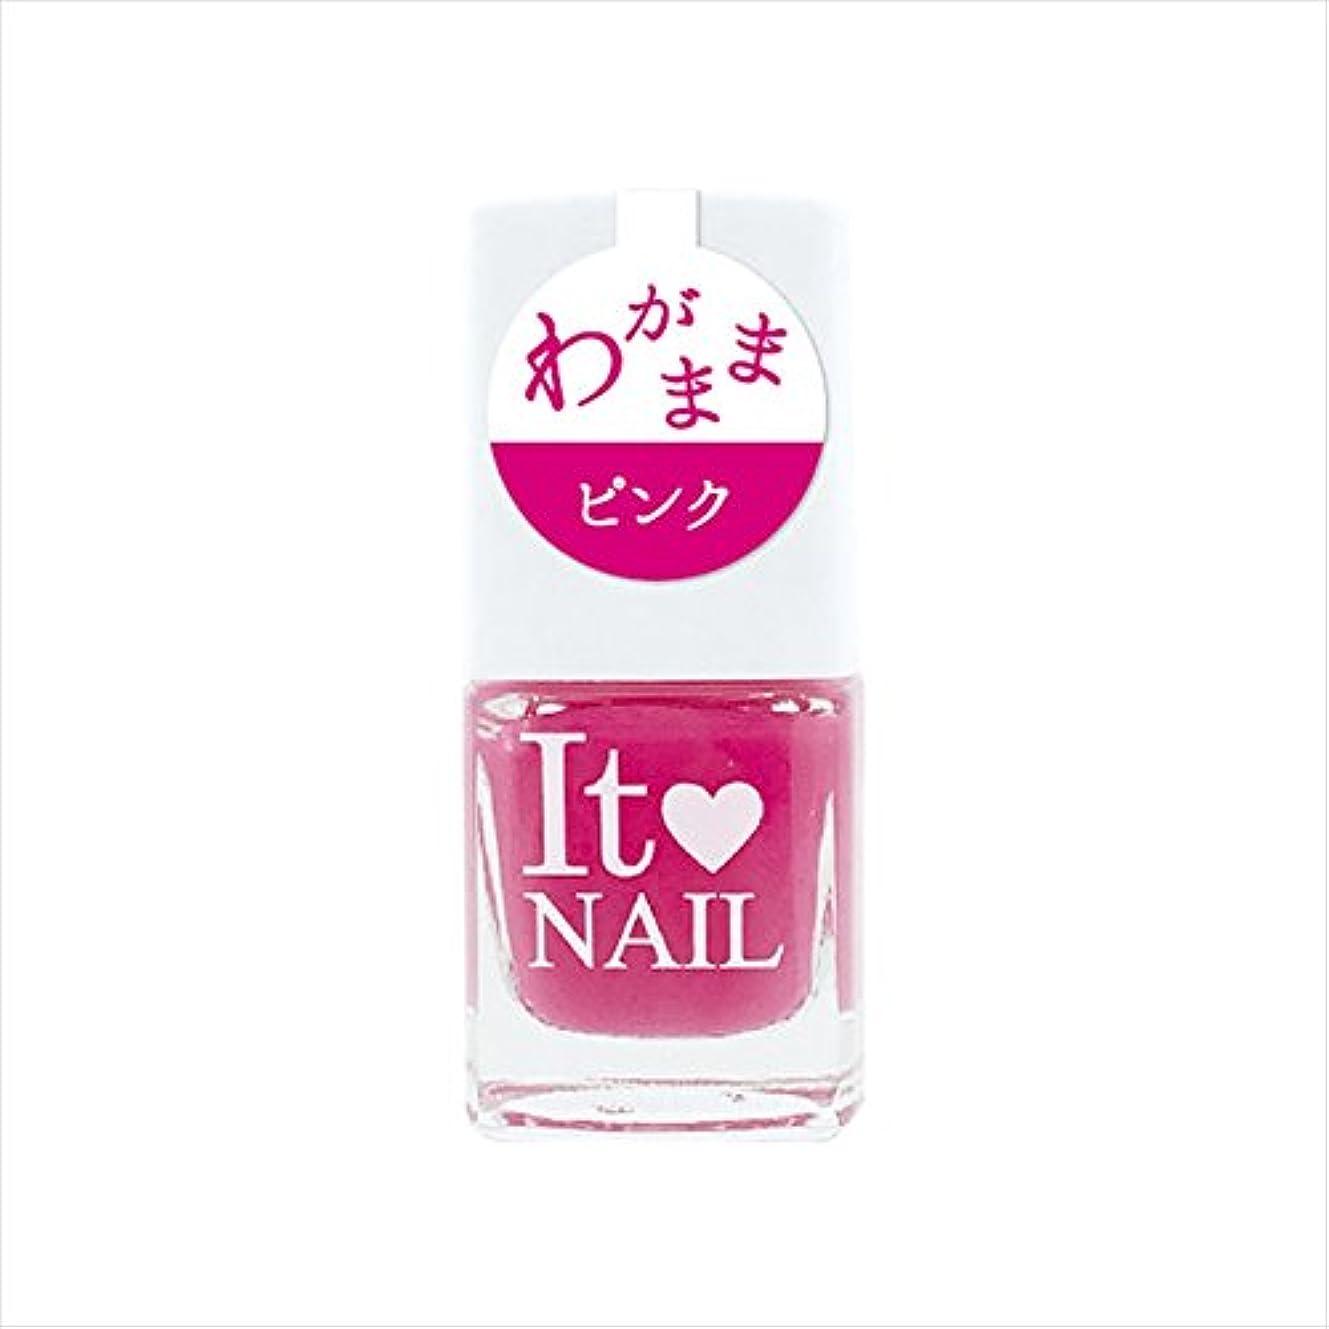 サイト美人かんたんイットネイル ネイルカラー it-p23 わがままピンク (9.5mL)